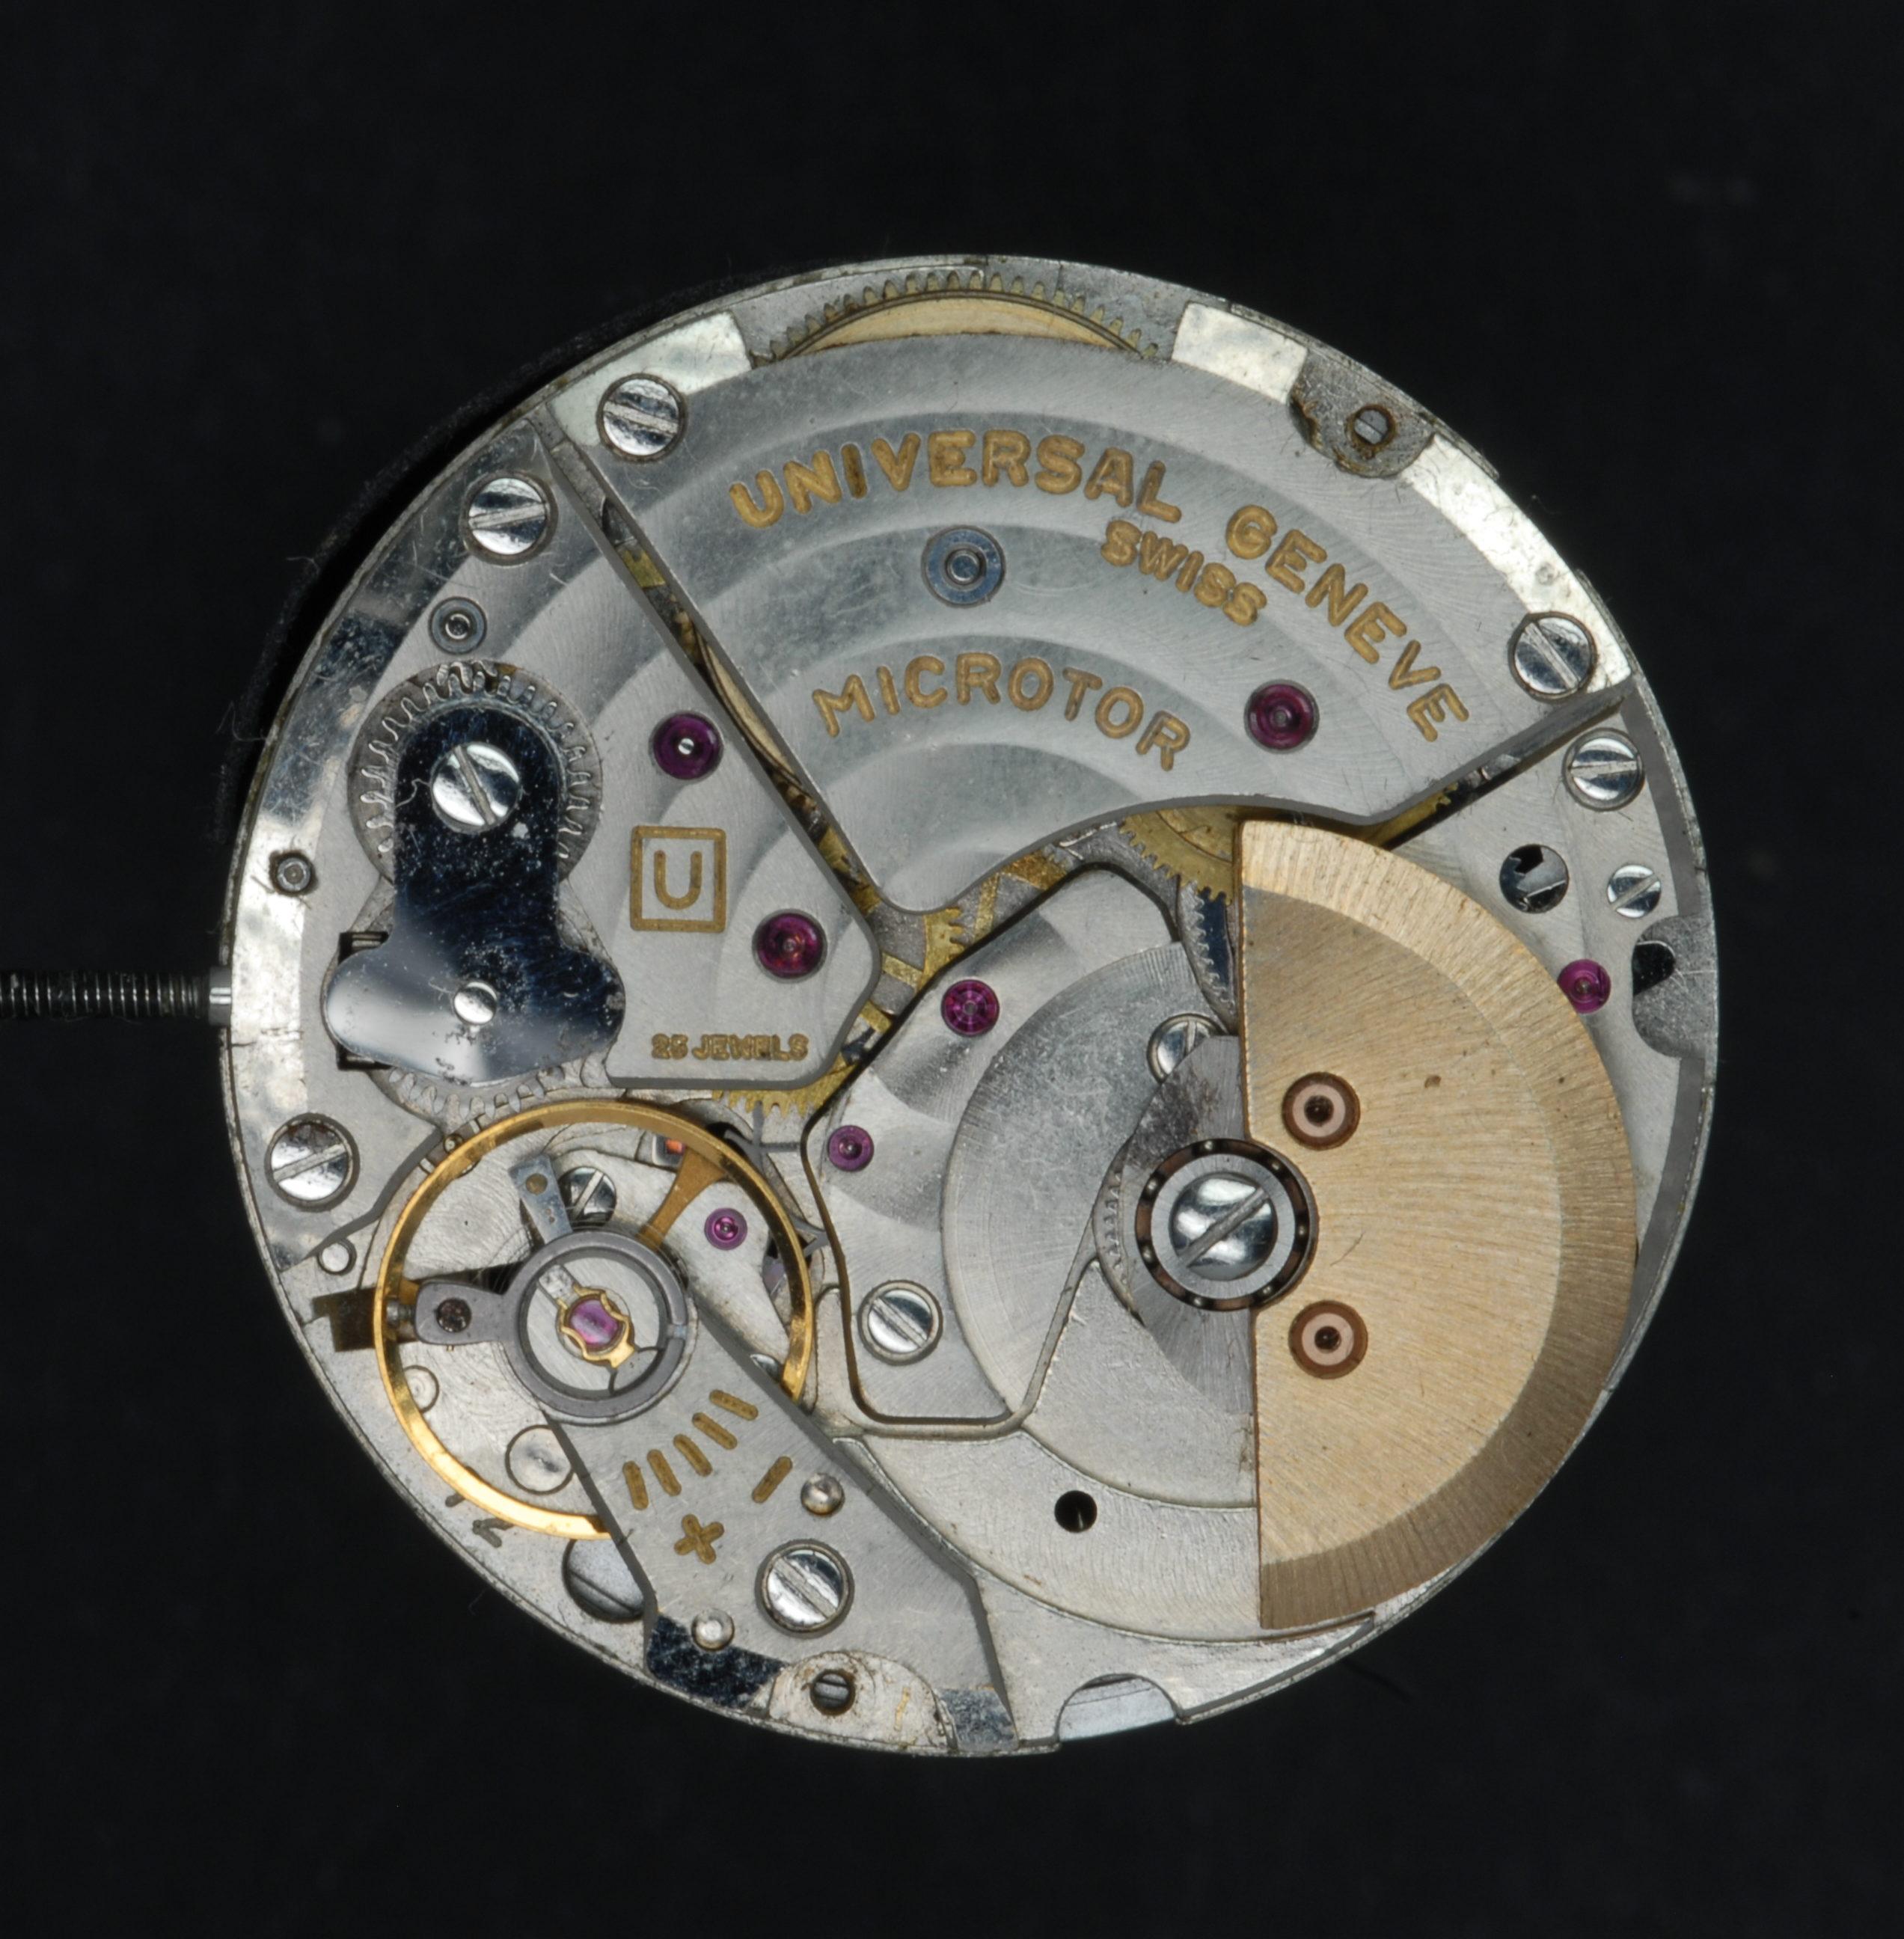 Microrotor-Kaliber von Universal Geneve konnte erst nach Einigung mit Büren vermarktet werden